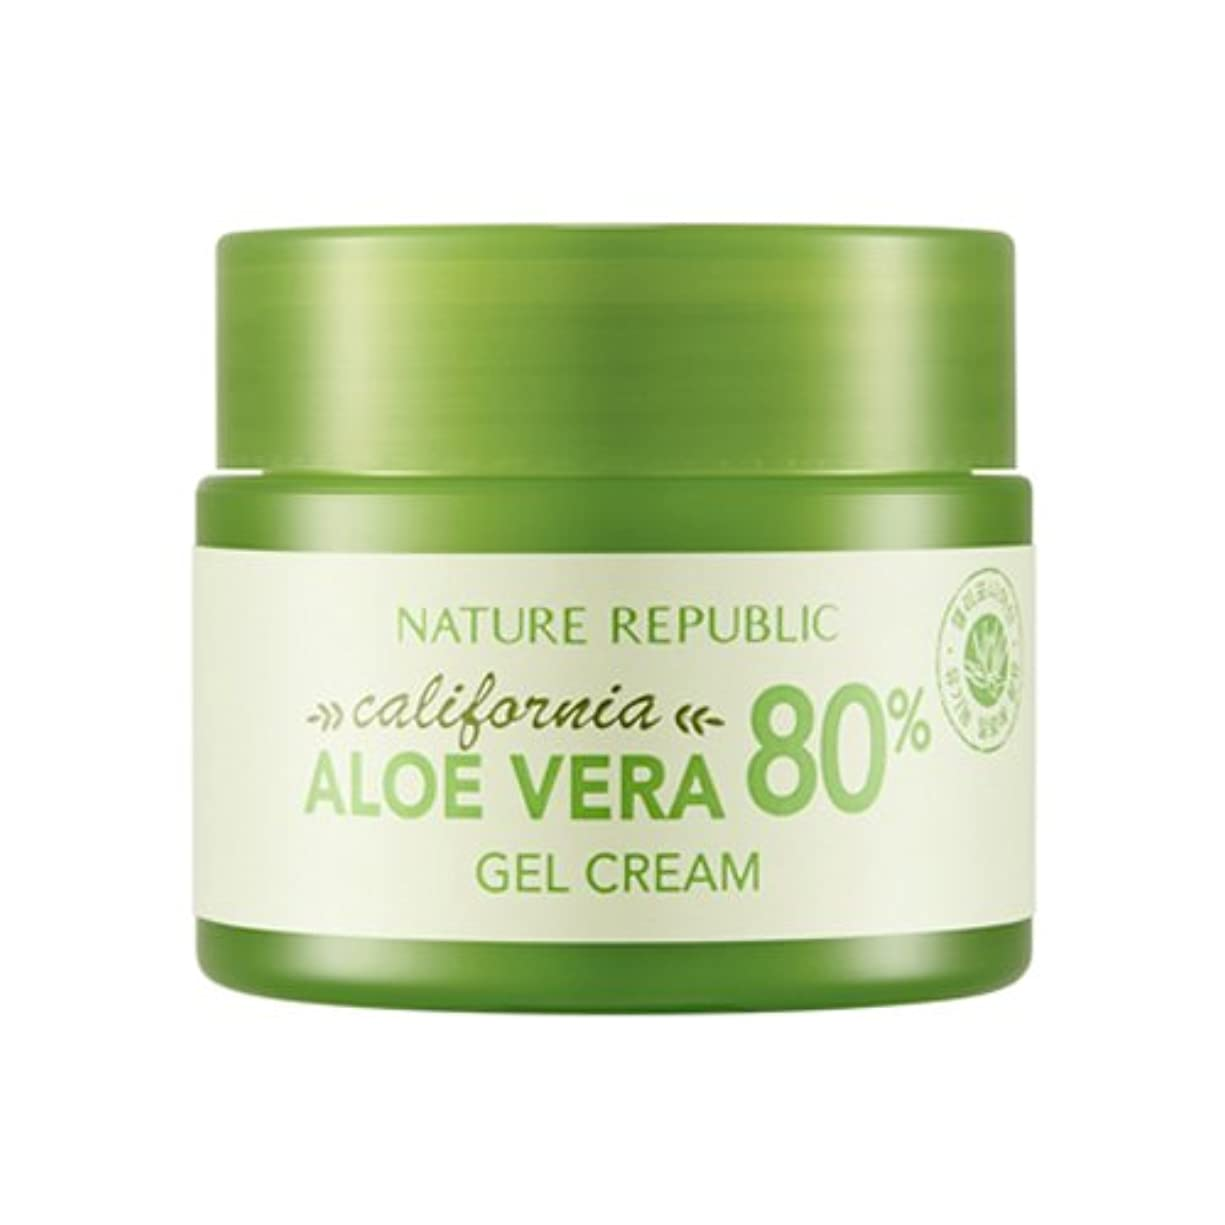 スクレーパーせがむアルコーブ[ネイチャーリパブリック] Nature Republic カリフォルニアアロエベラ80%のゲルクリーム California Aloe Vera 80% Gel Cream [並行輸入品]